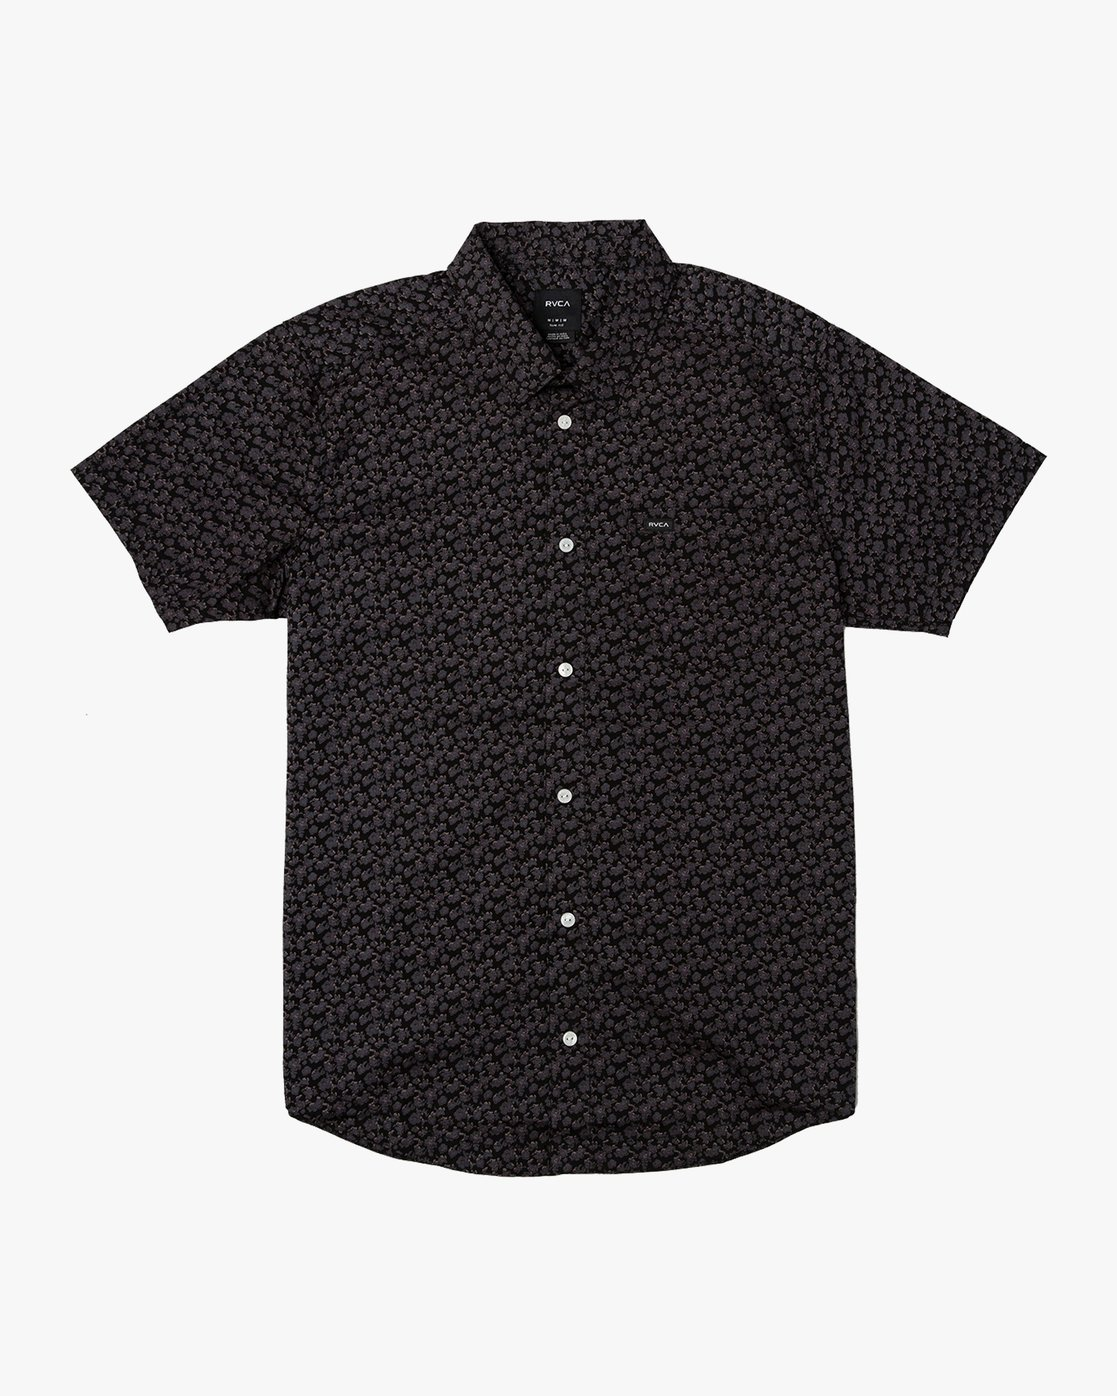 0 Porcelain Printed Short Sleeve Shirt Black MK507POR RVCA